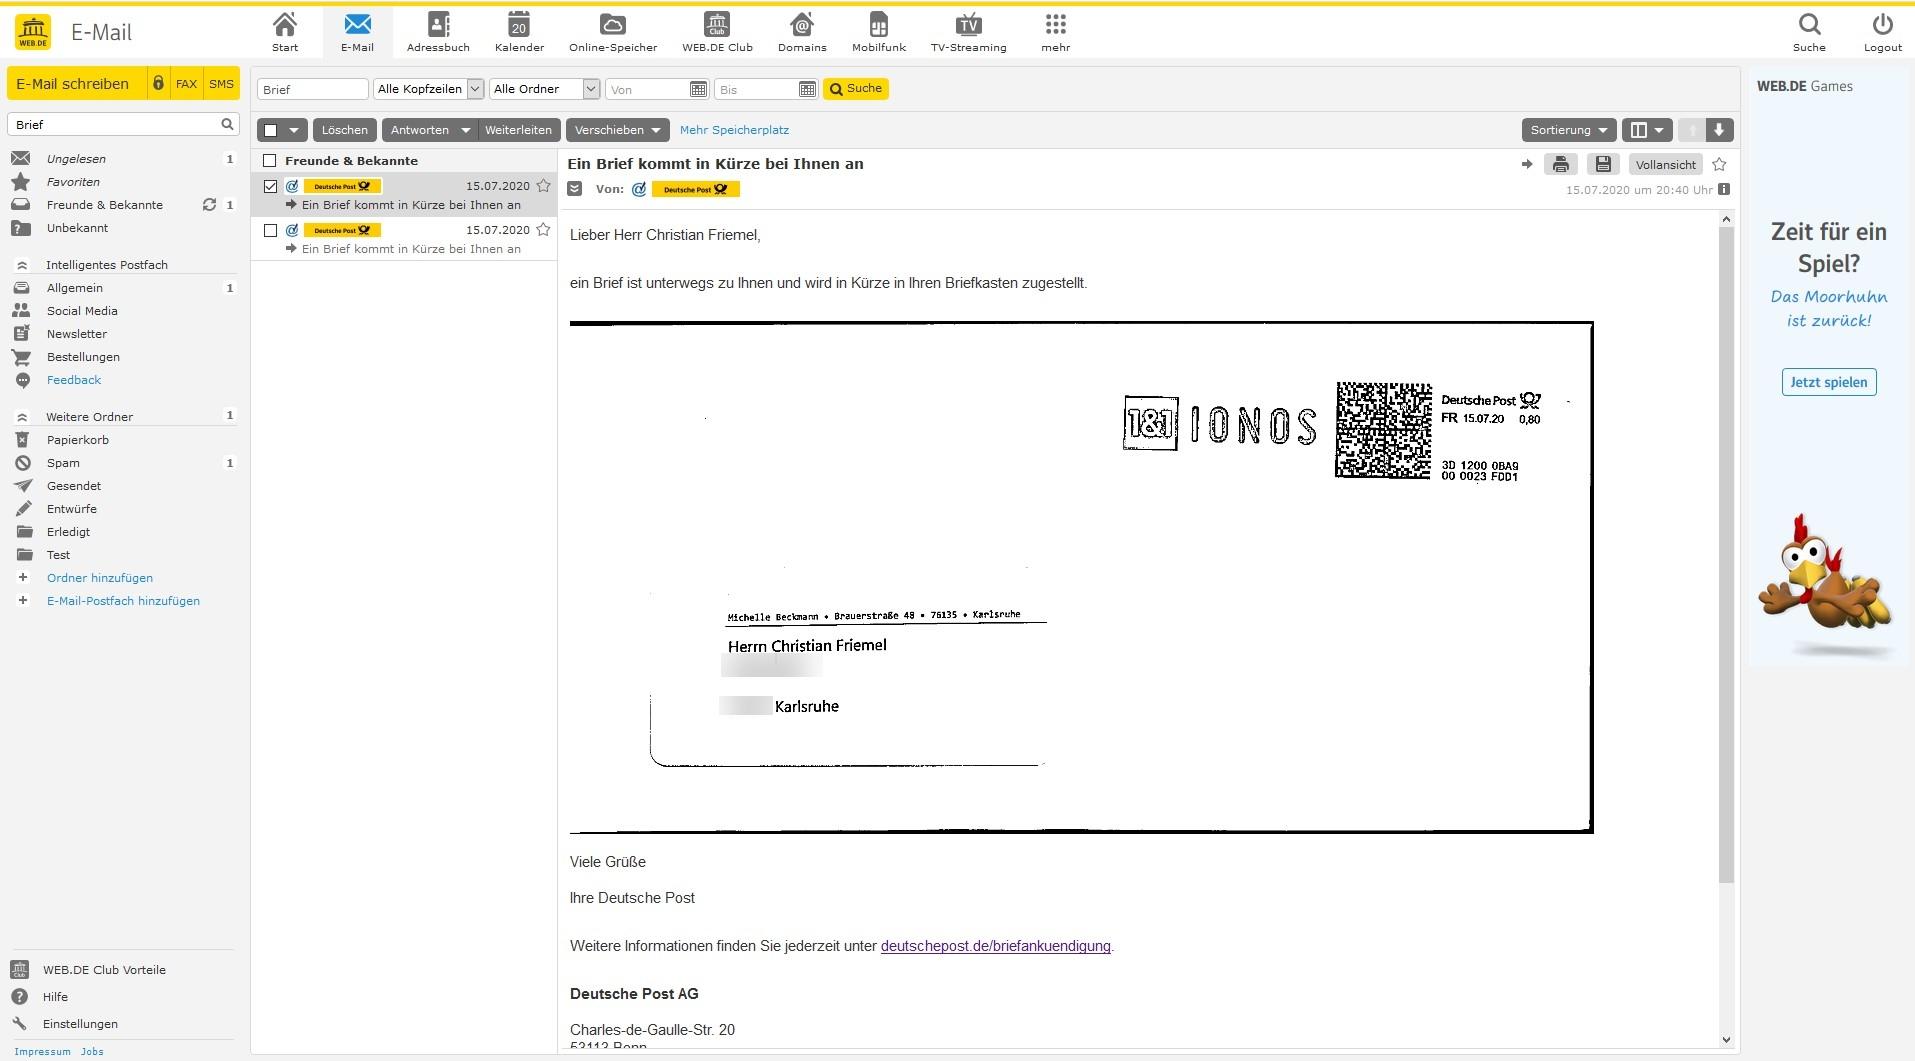 Wiederherstellen gmx gelöschte e-mail anhänge Im Papierkorb